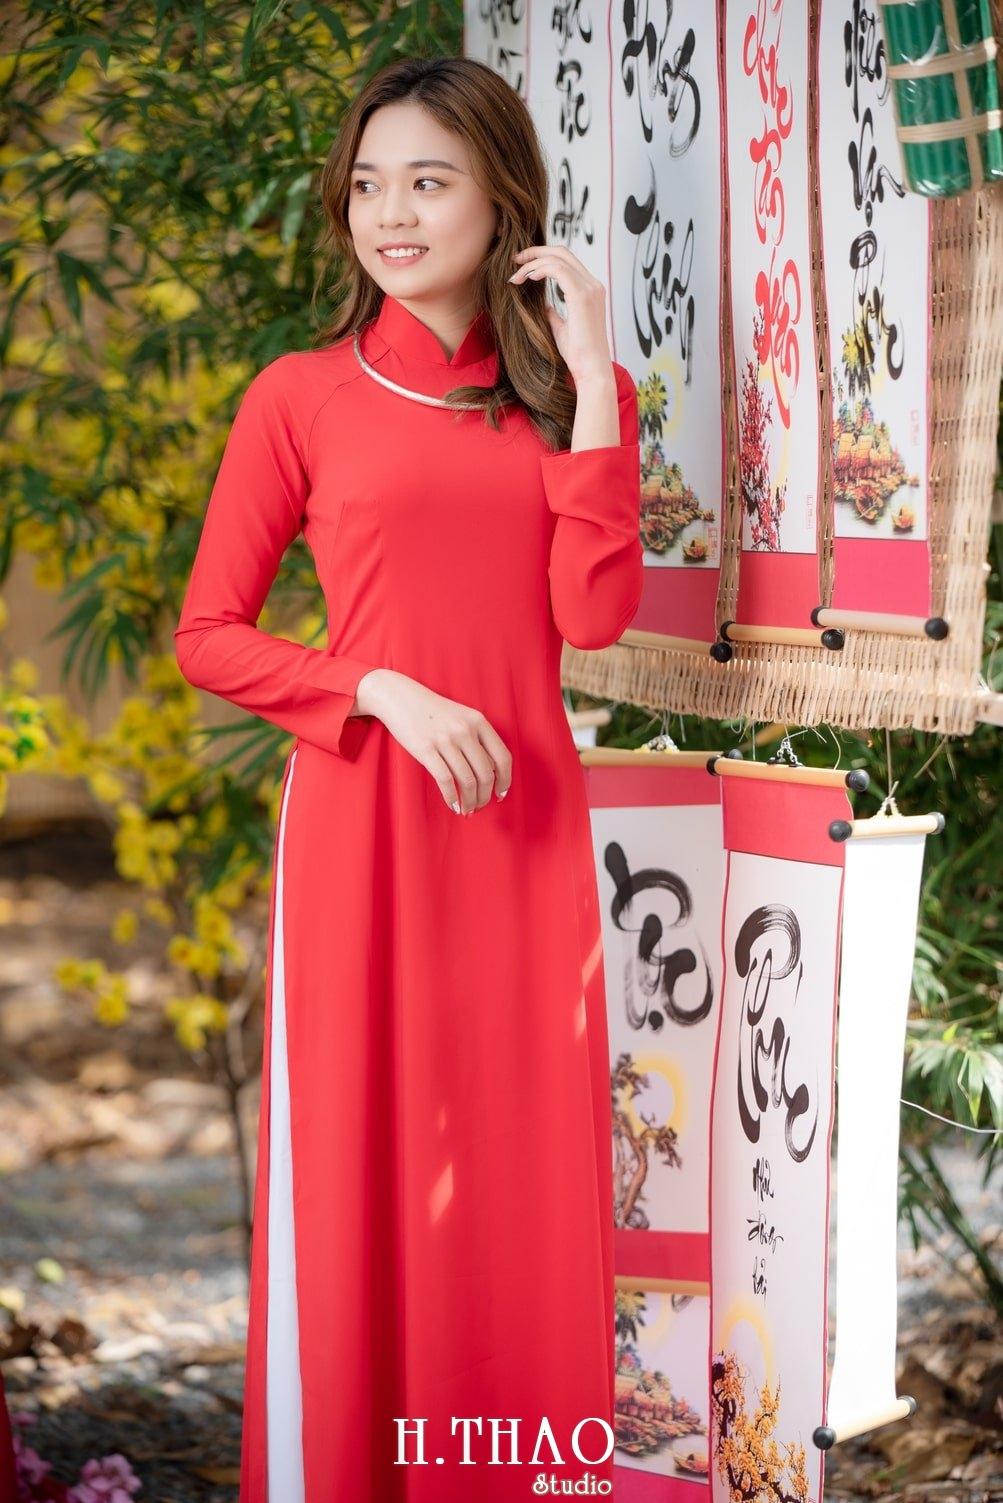 Ao dai tet do 1 - Top 40 ảnh áo dài chụp với Hoa đào, hoa mai tết tuyệt đẹp- HThao Studio